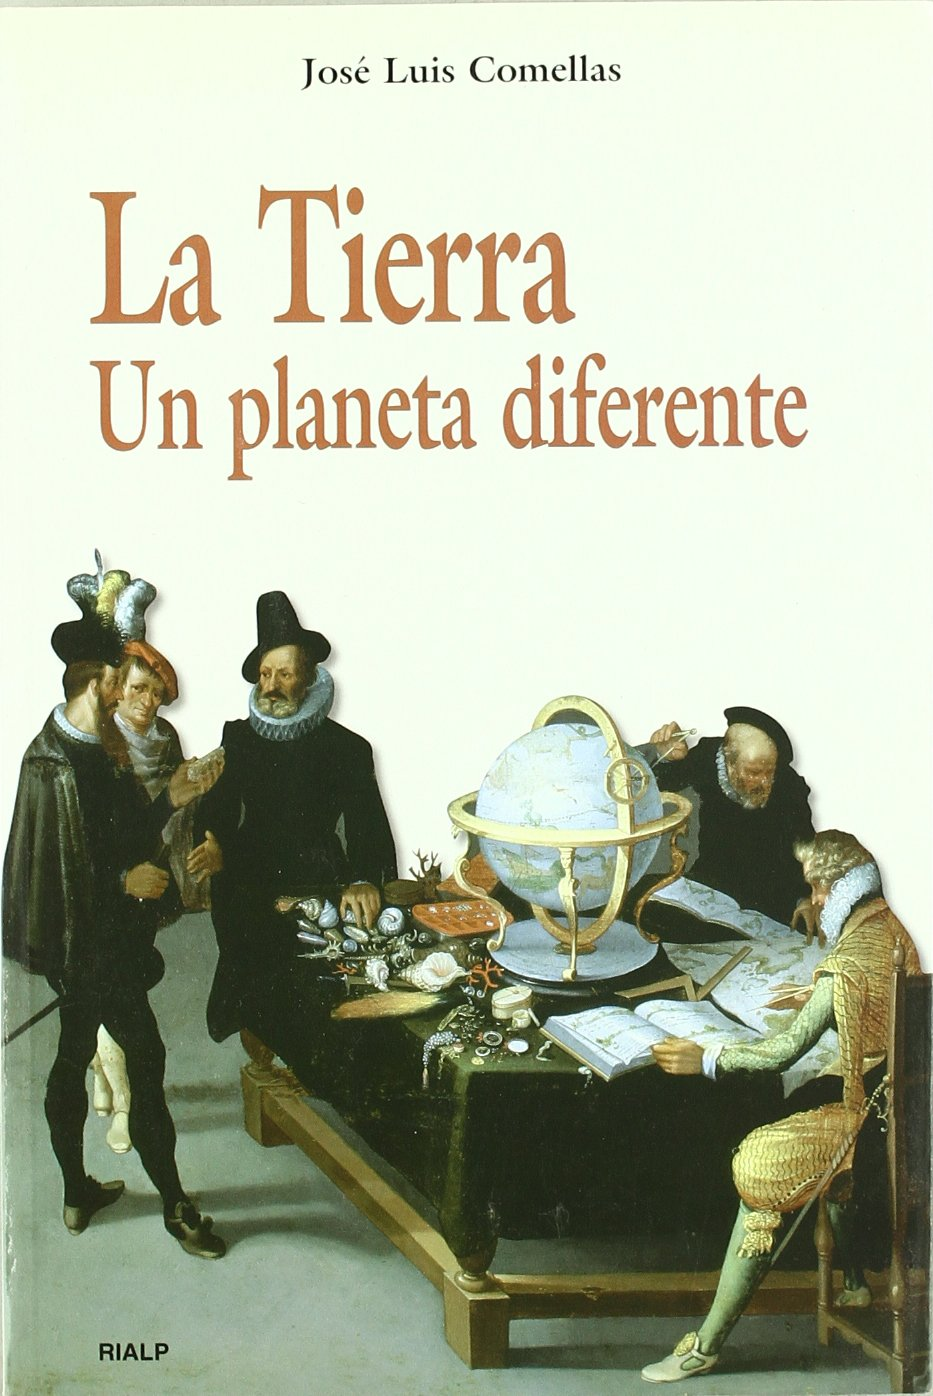 La Tierra. Un planeta diferente Historia y Biografías: Amazon.es: Comellas García-Lera, José Luis: Libros